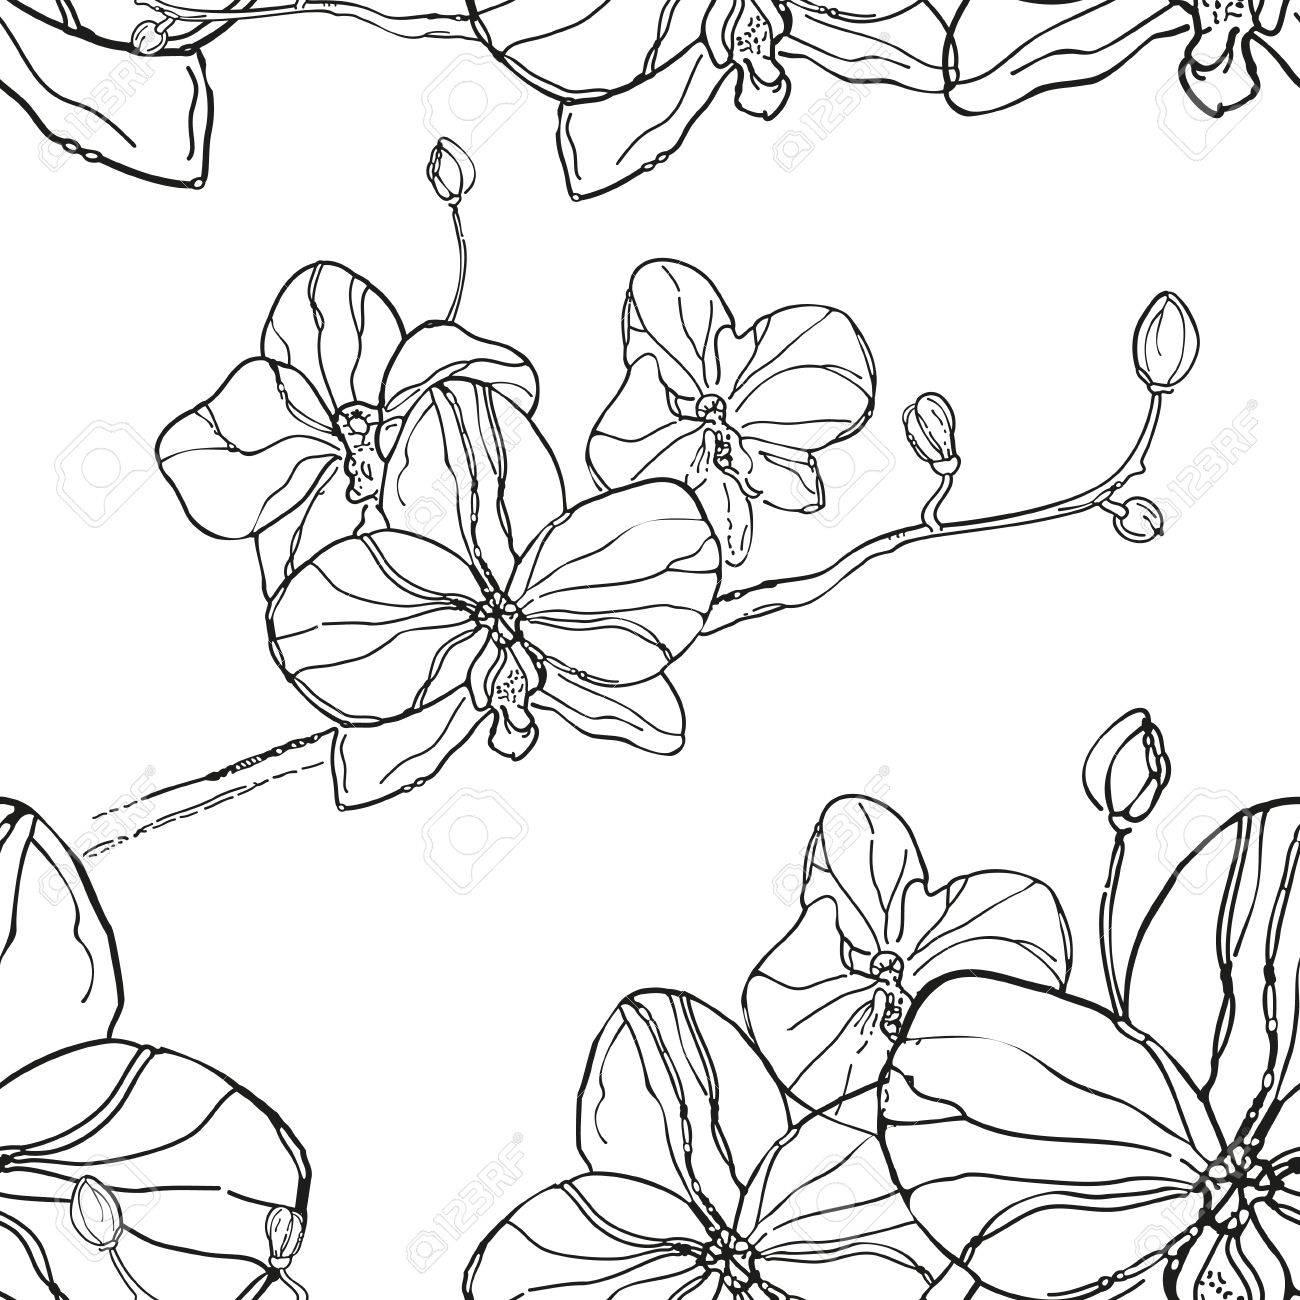 Patron Abstracto Sin Fisuras Con Flores De Orquideas Negras Sobre